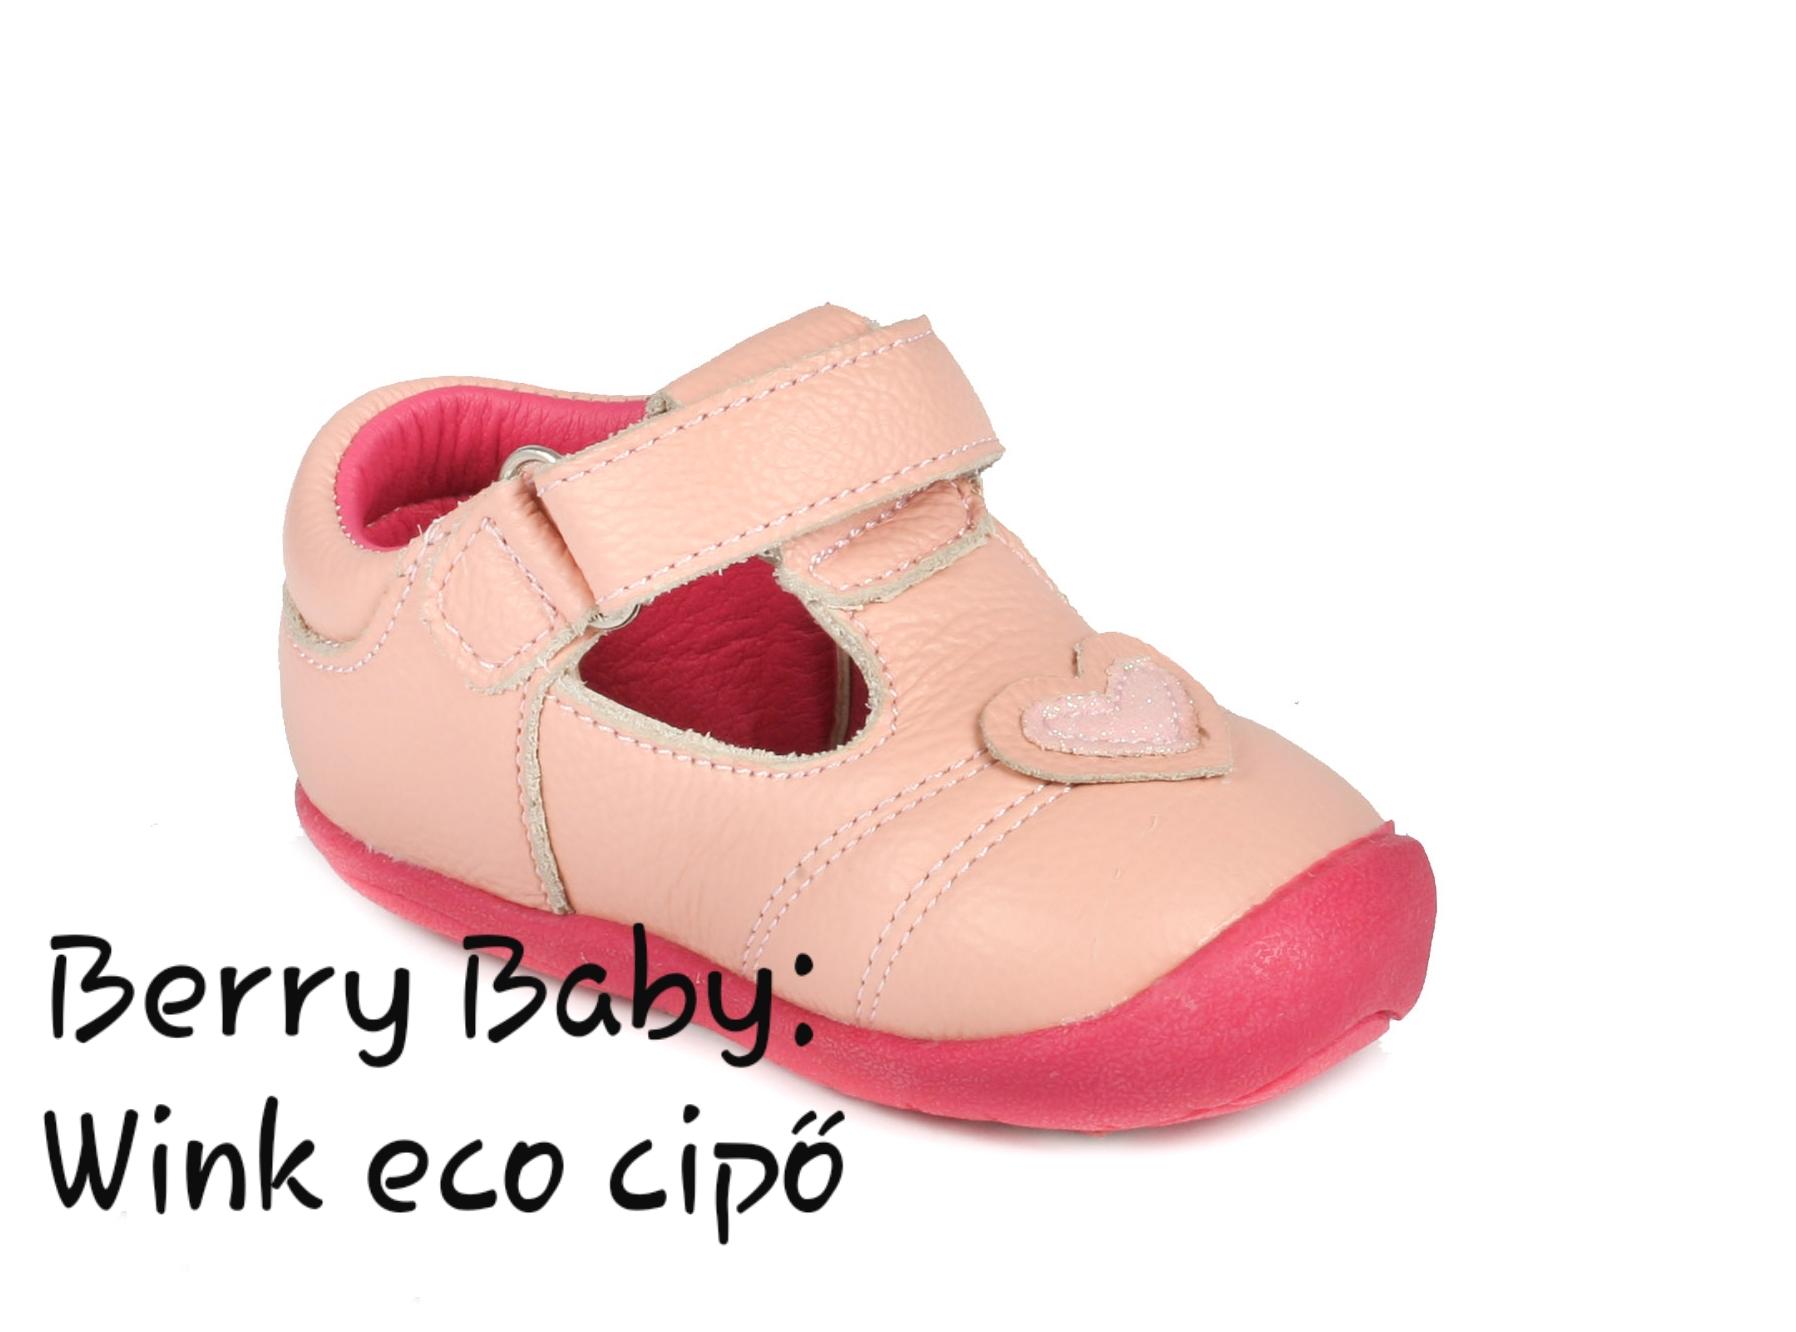 bbed2438f35a Wink eco- első kiscipő és gyerekcipő- BARACK SZÍVES nyitott cipő: 17-es  méret - Baba cipő- puha és keménytalpú első kiscipő, kocsicipő- WINK eco